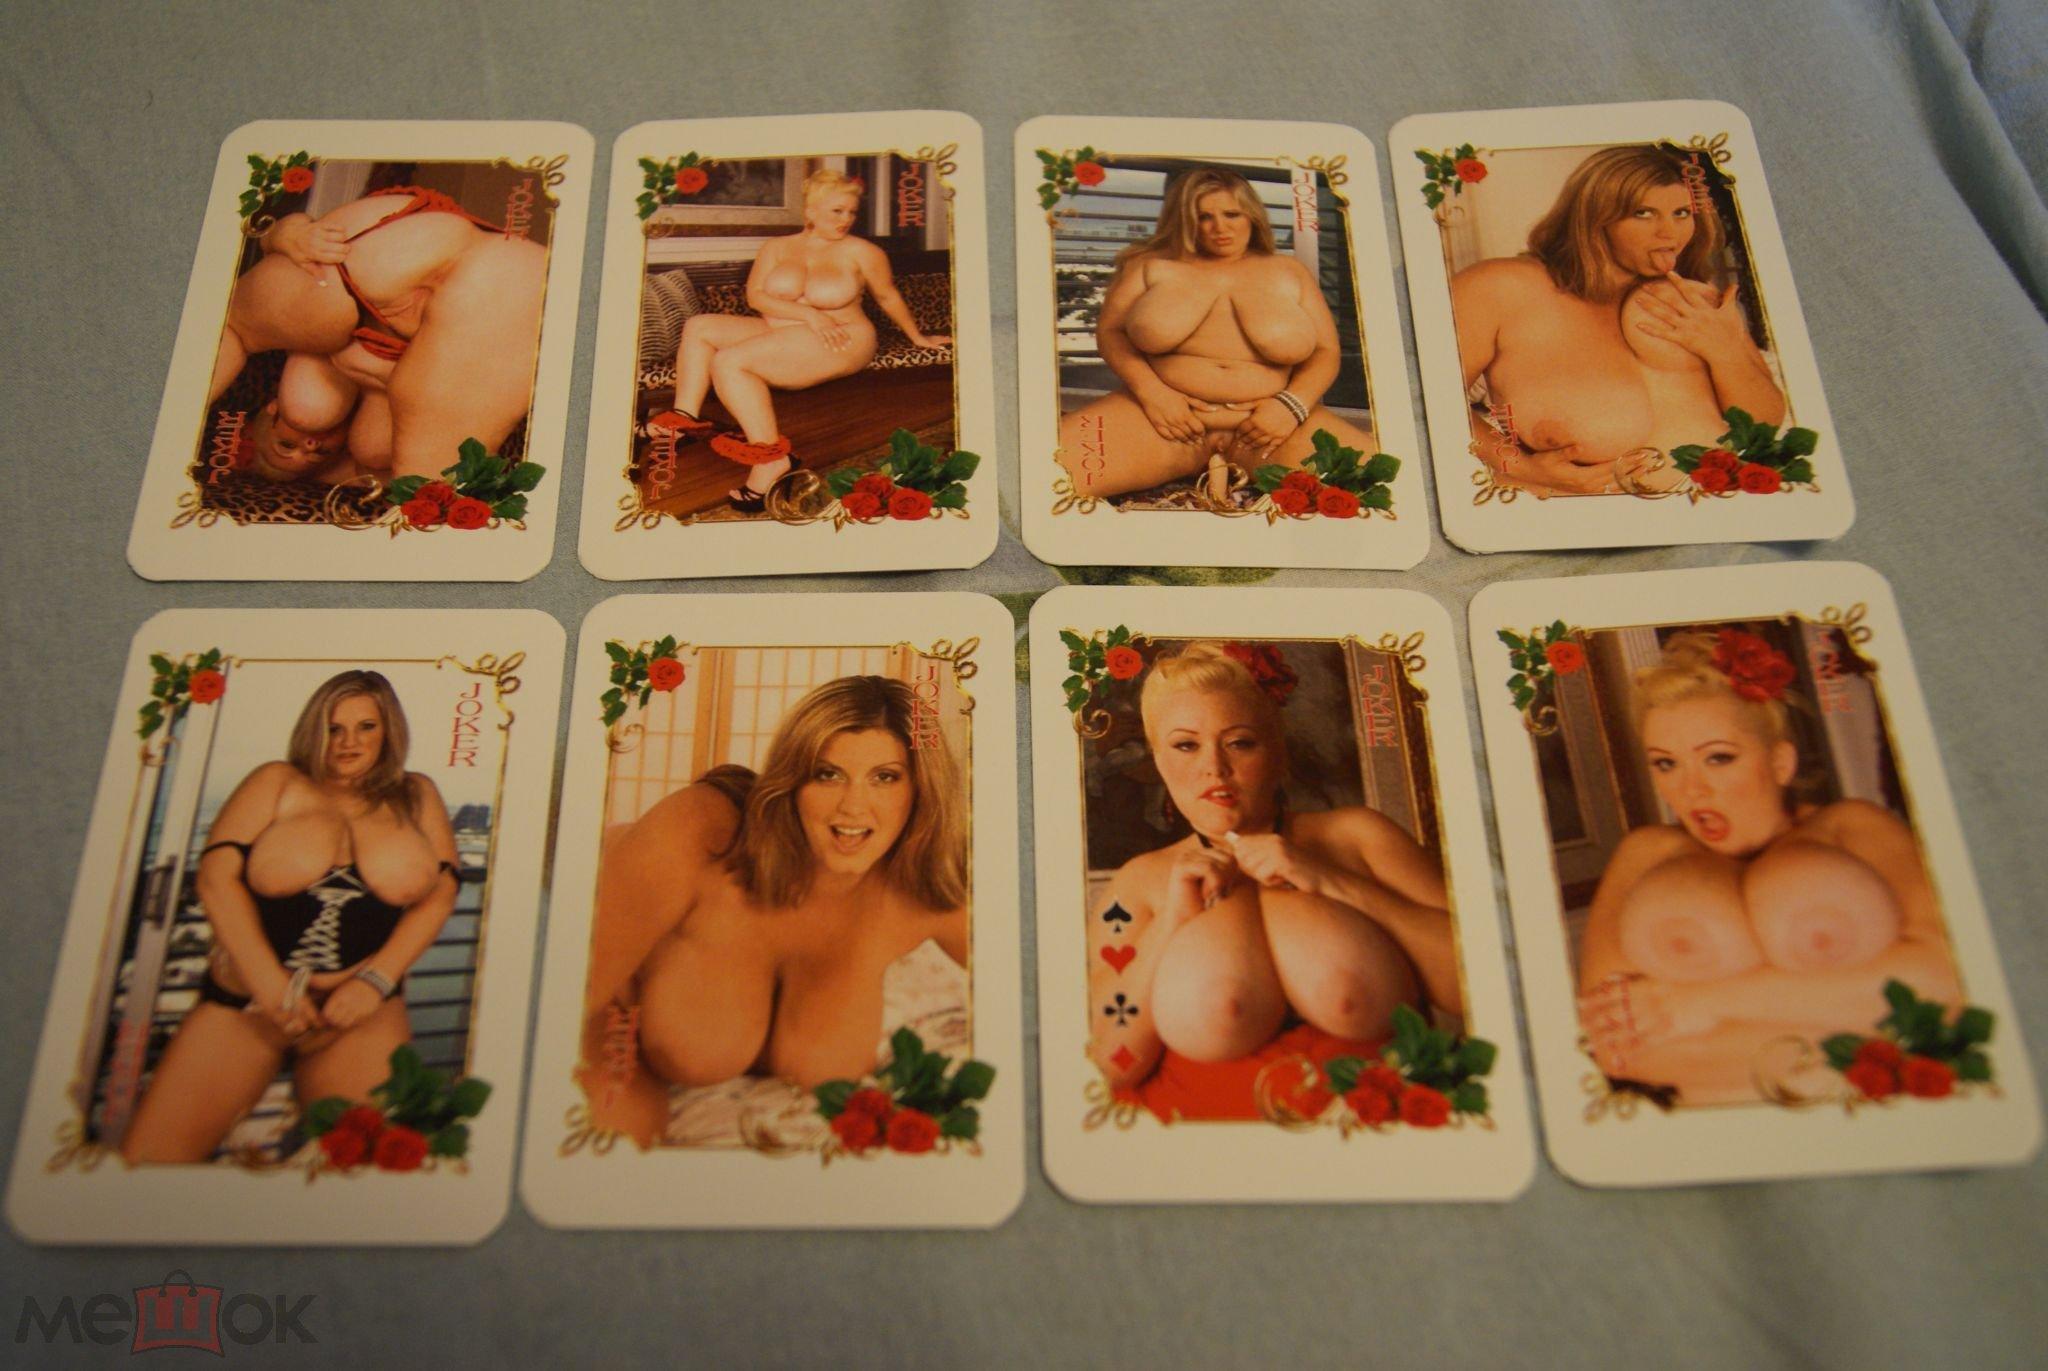 Эротика фото карточки, за деньги даст любому